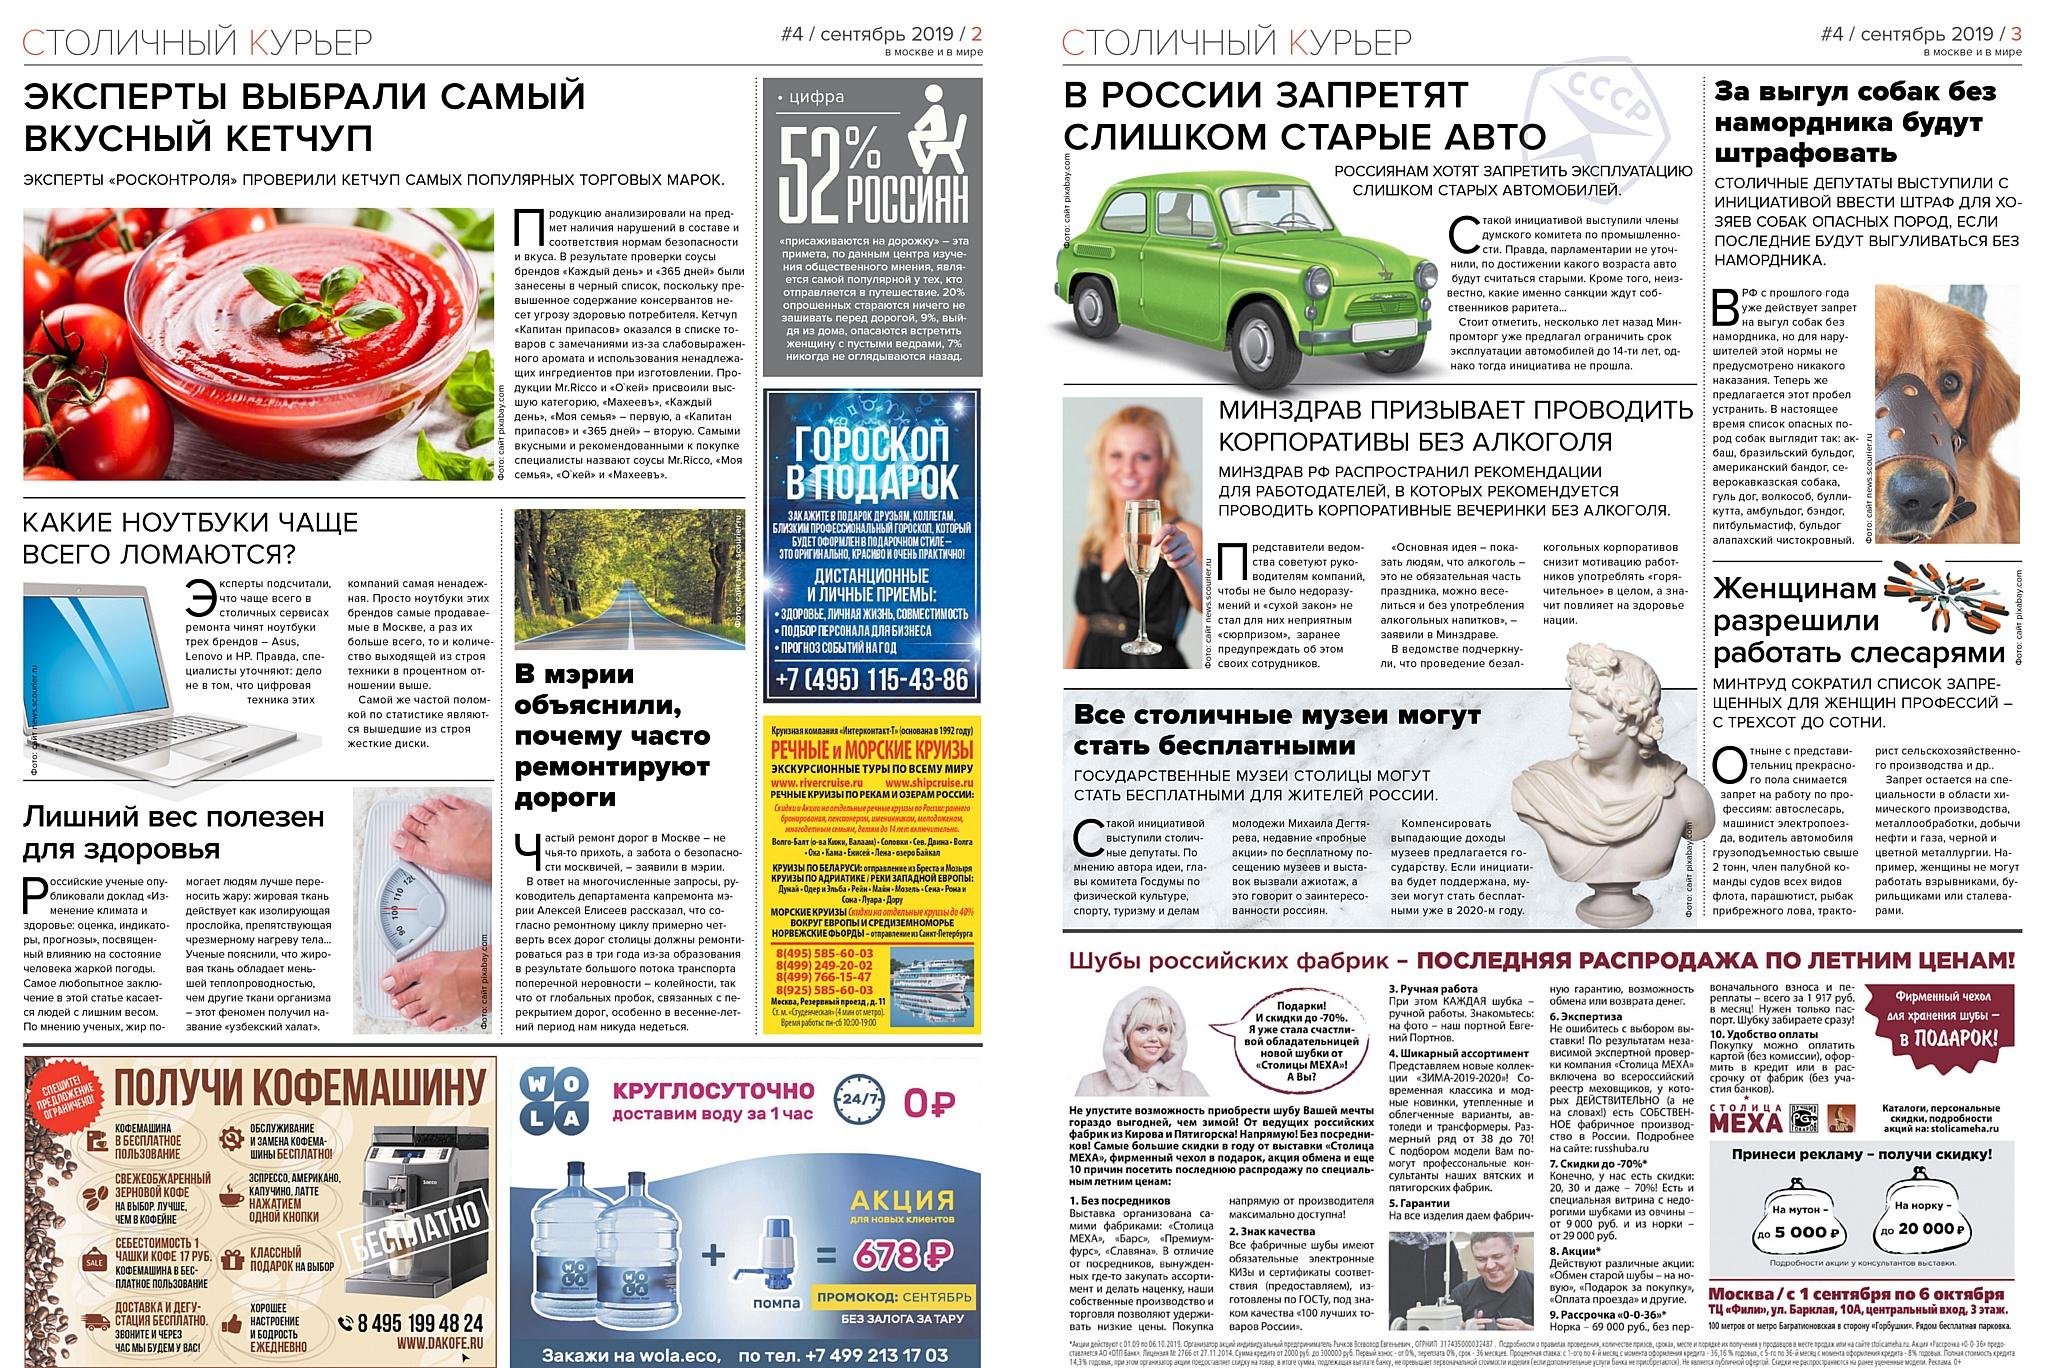 Газета СТОЛИЧНЫЙ КУРЬЕР – лидер среди бесплатных рекламных печатных изданий Москвы и Московской области